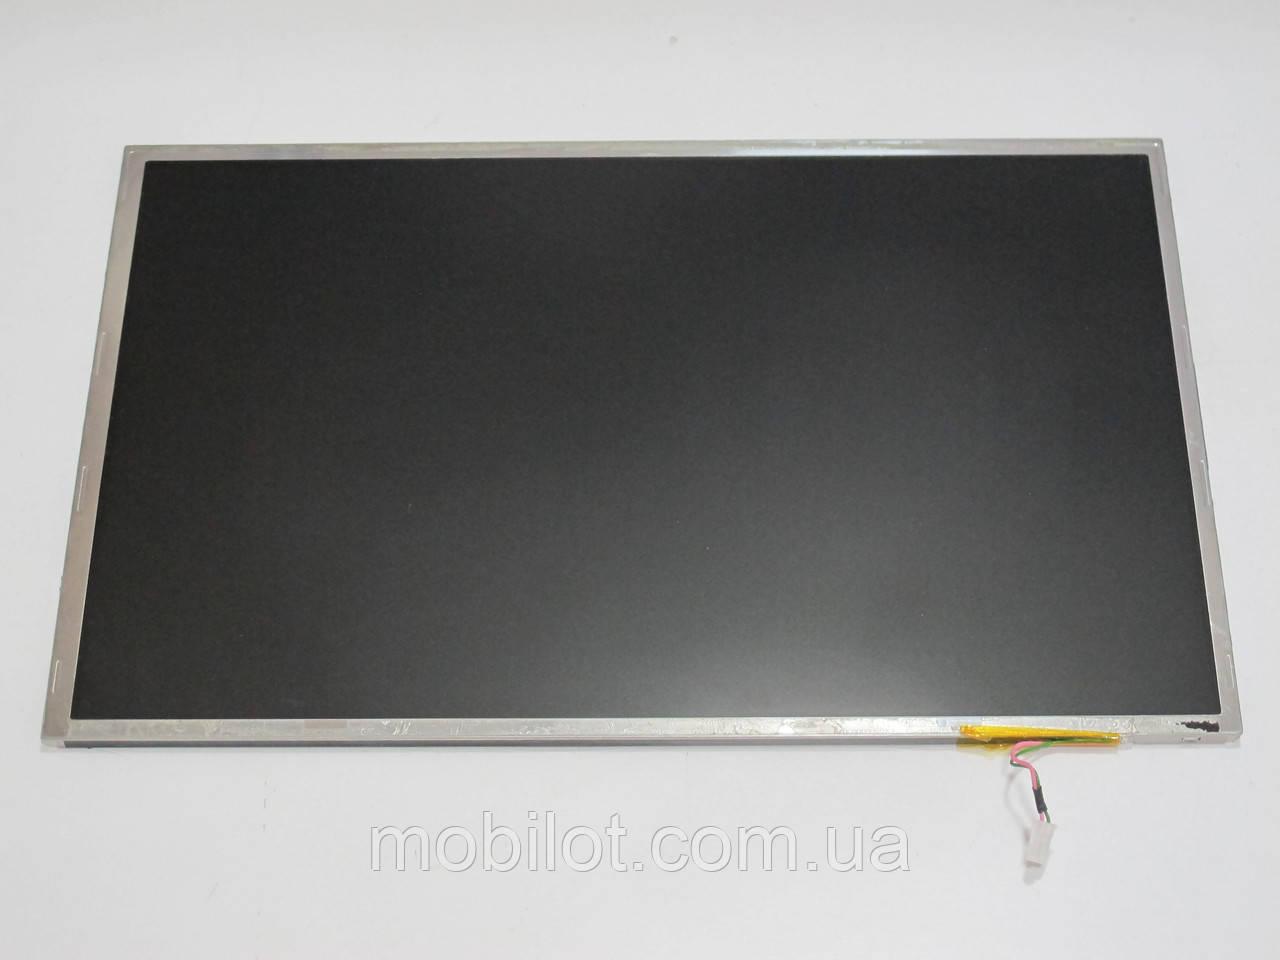 Экран (матрица) 14.1 Lamp (NZ-707)